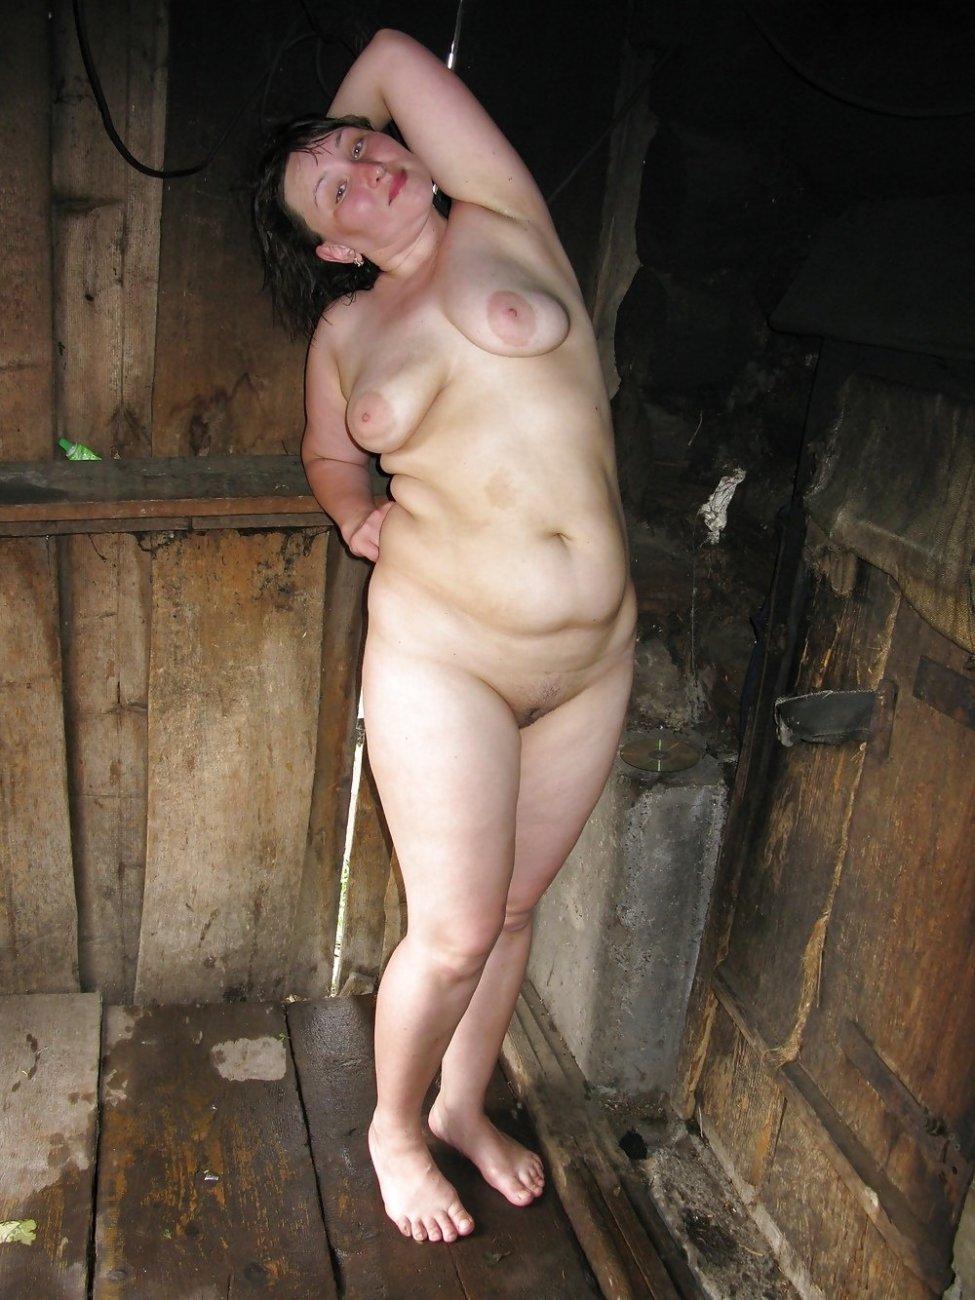 domashnee-foto-golih-derevenskih-bab-v-raznih-pozah-smotret-nemetskoe-porno-onlayn